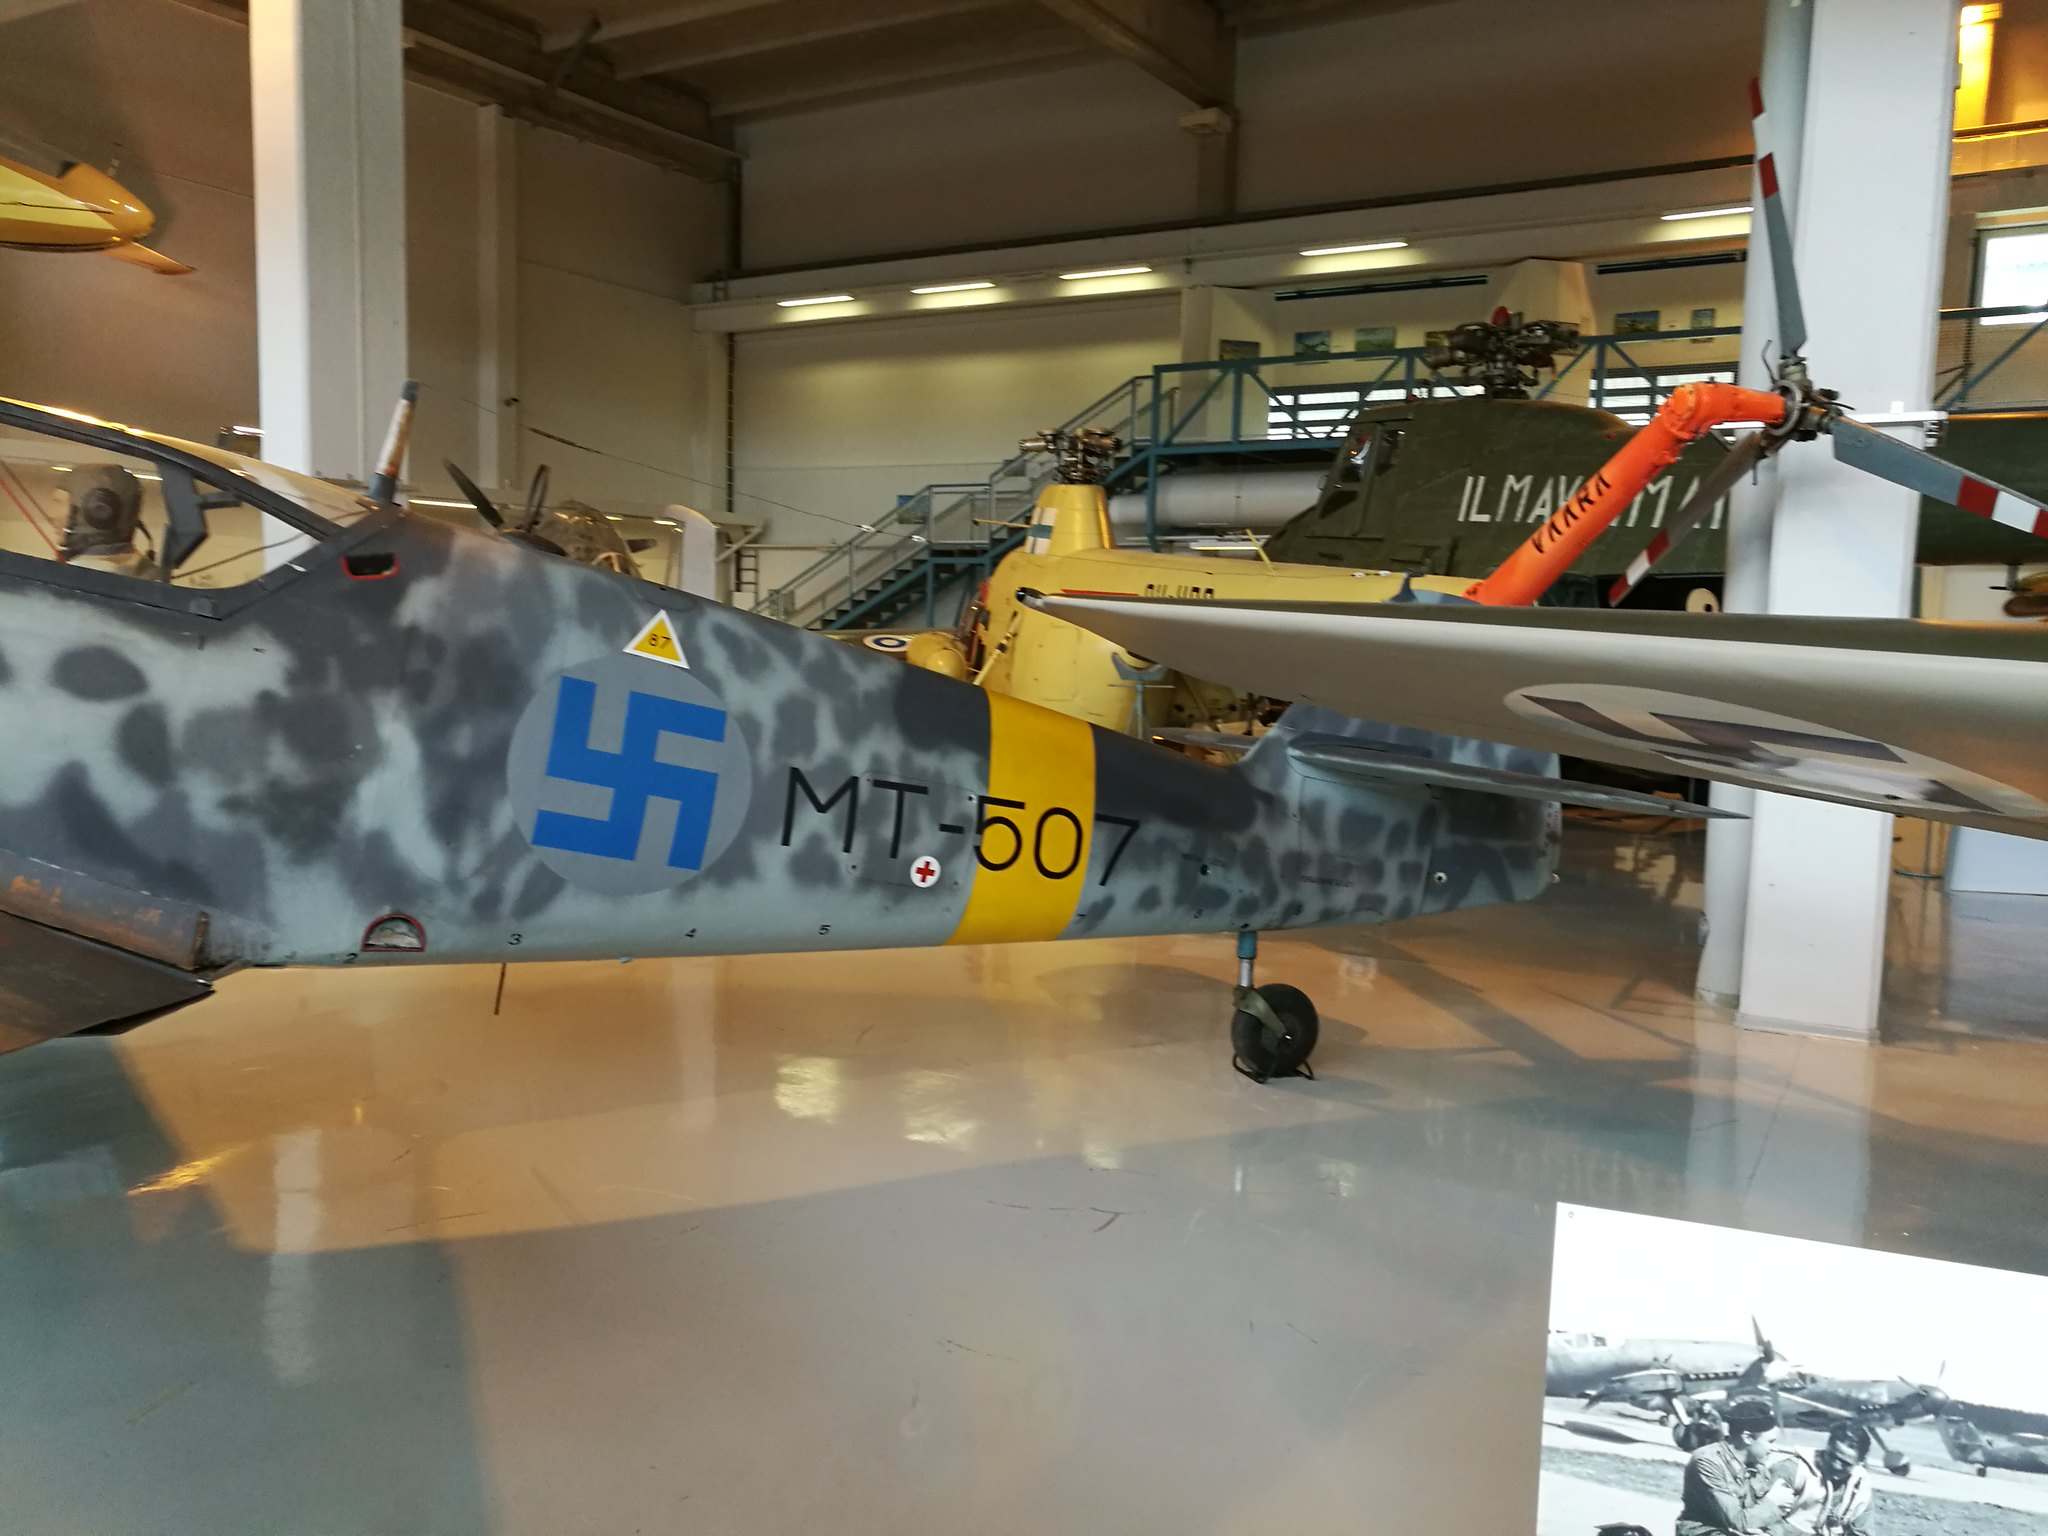 Hemkommen från semester i Finland med utflykt till Finlands Flygvapenmuseum. 48292963151_af2c911f32_k